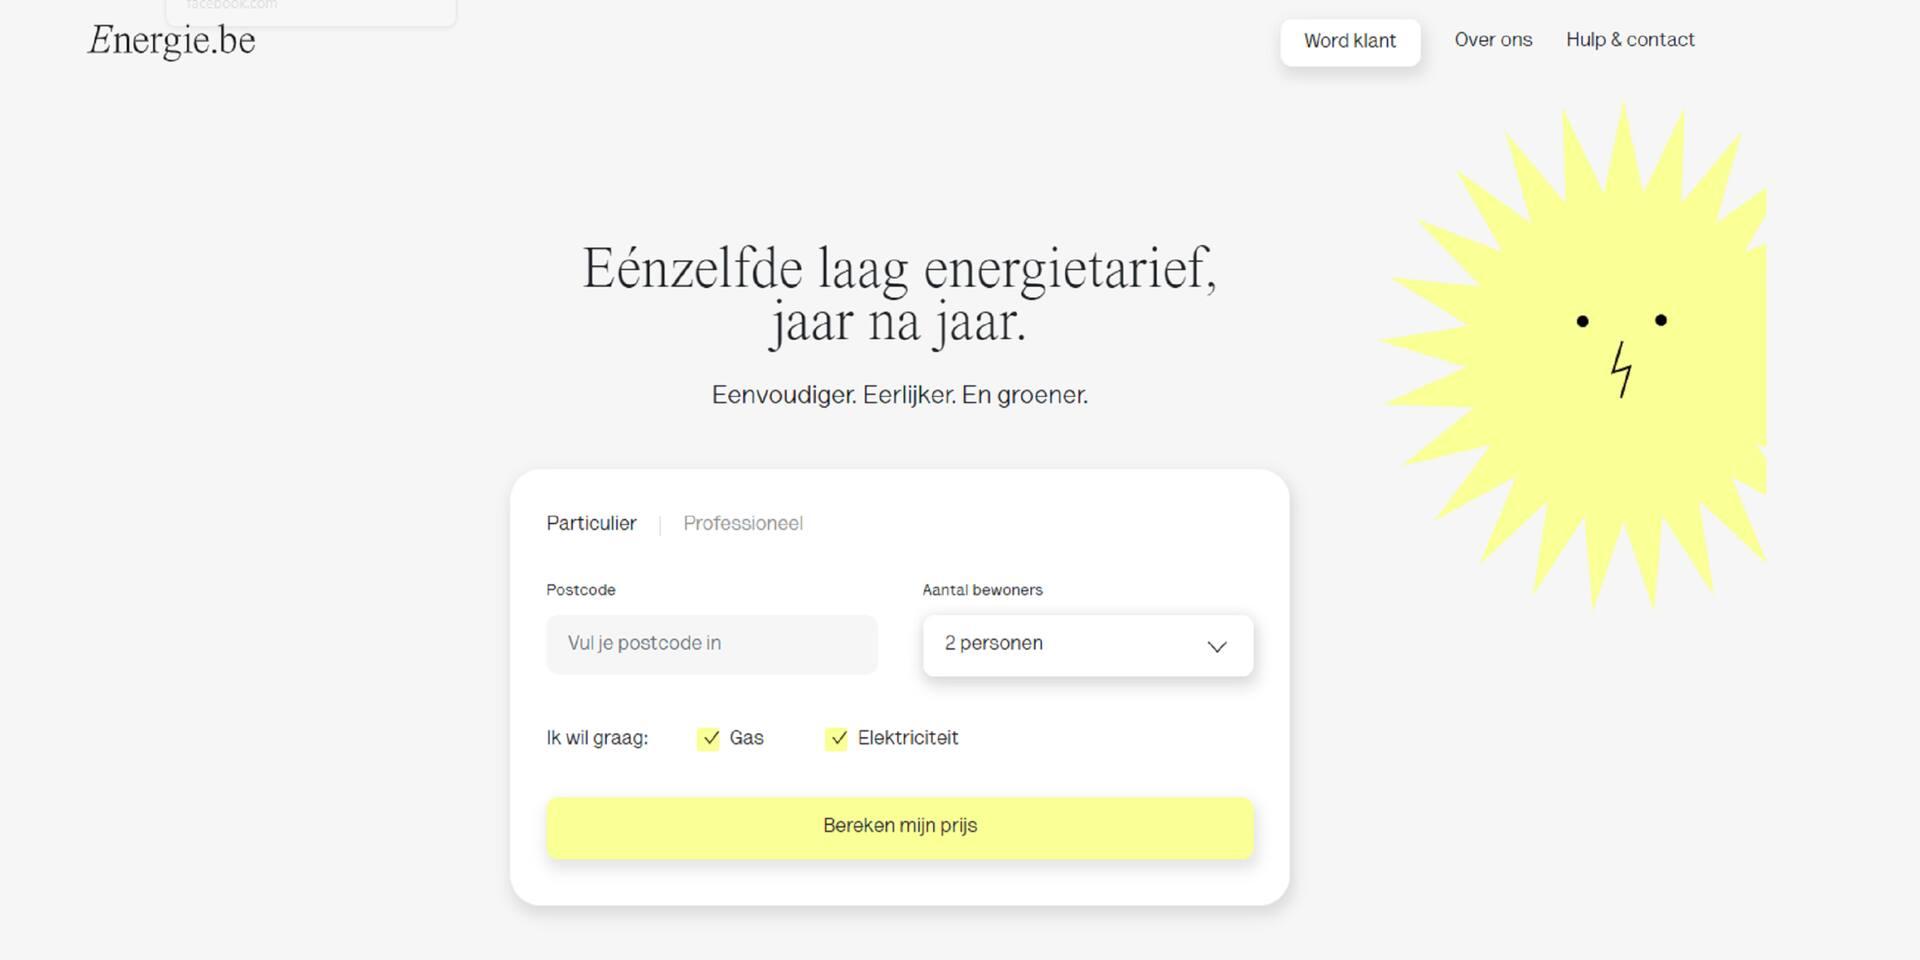 Un nouveau fournisseur d'énergie débarque sur le marché belge